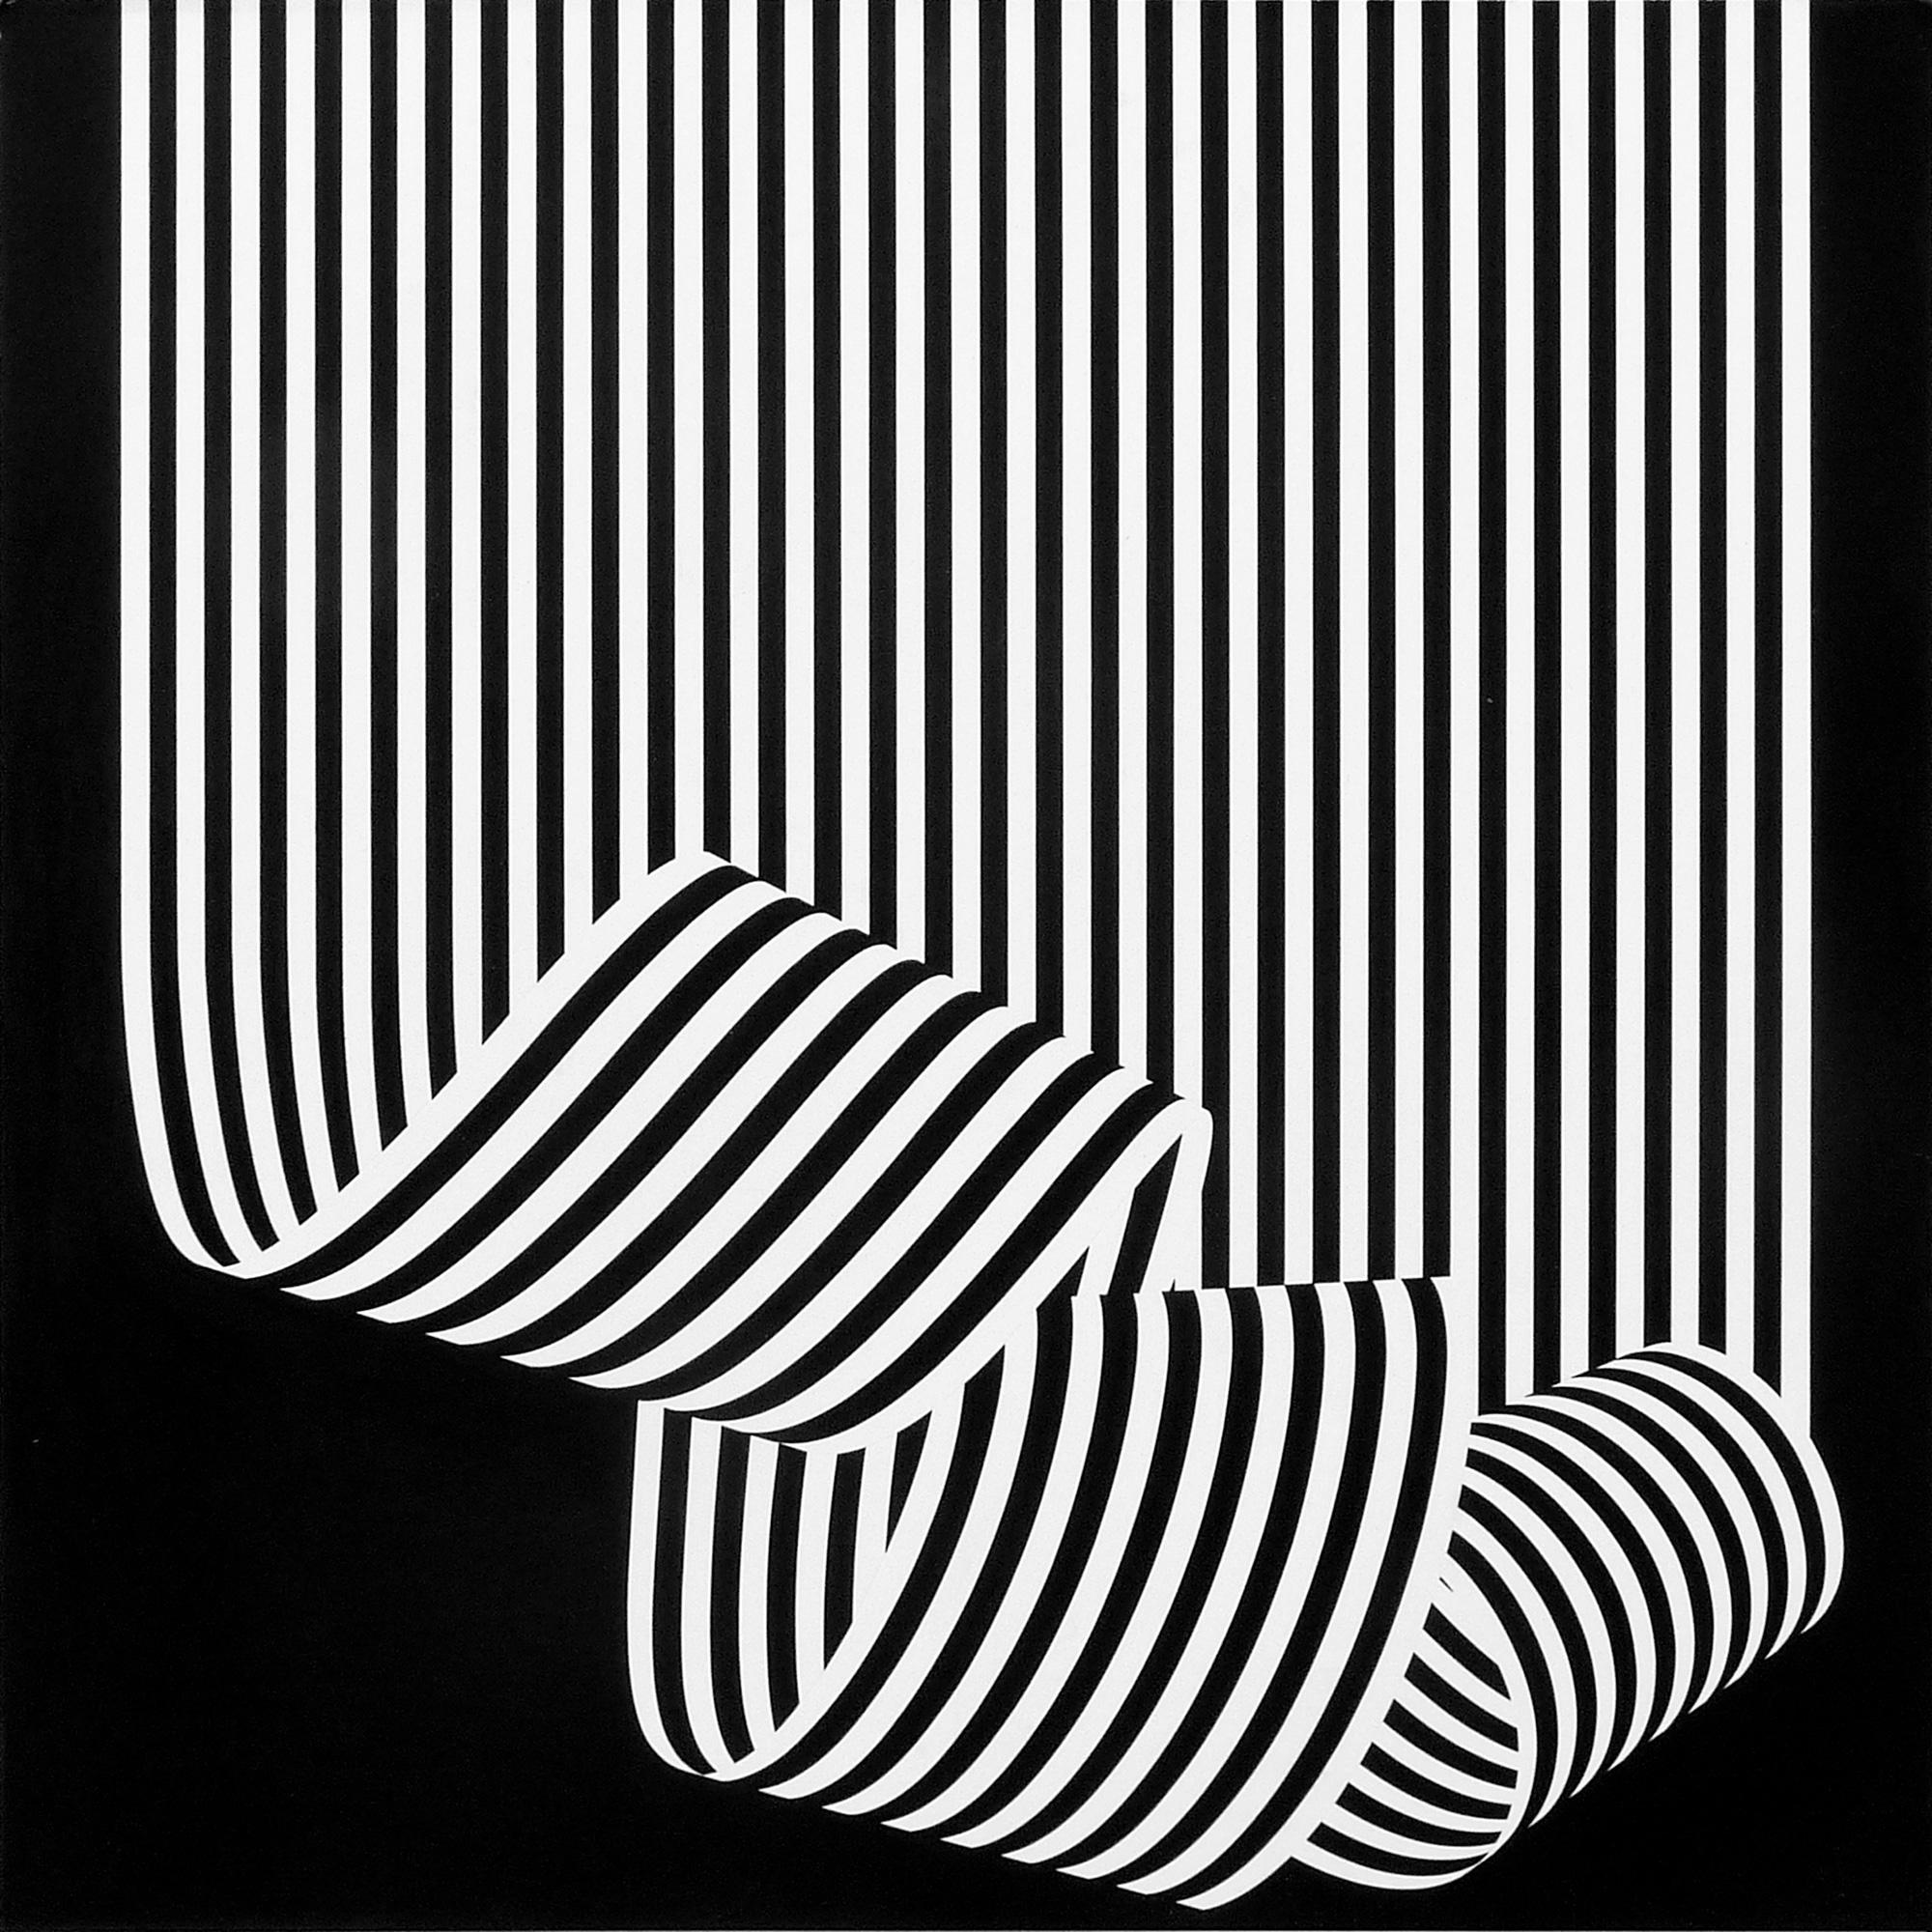 Design Career - Magazine cover